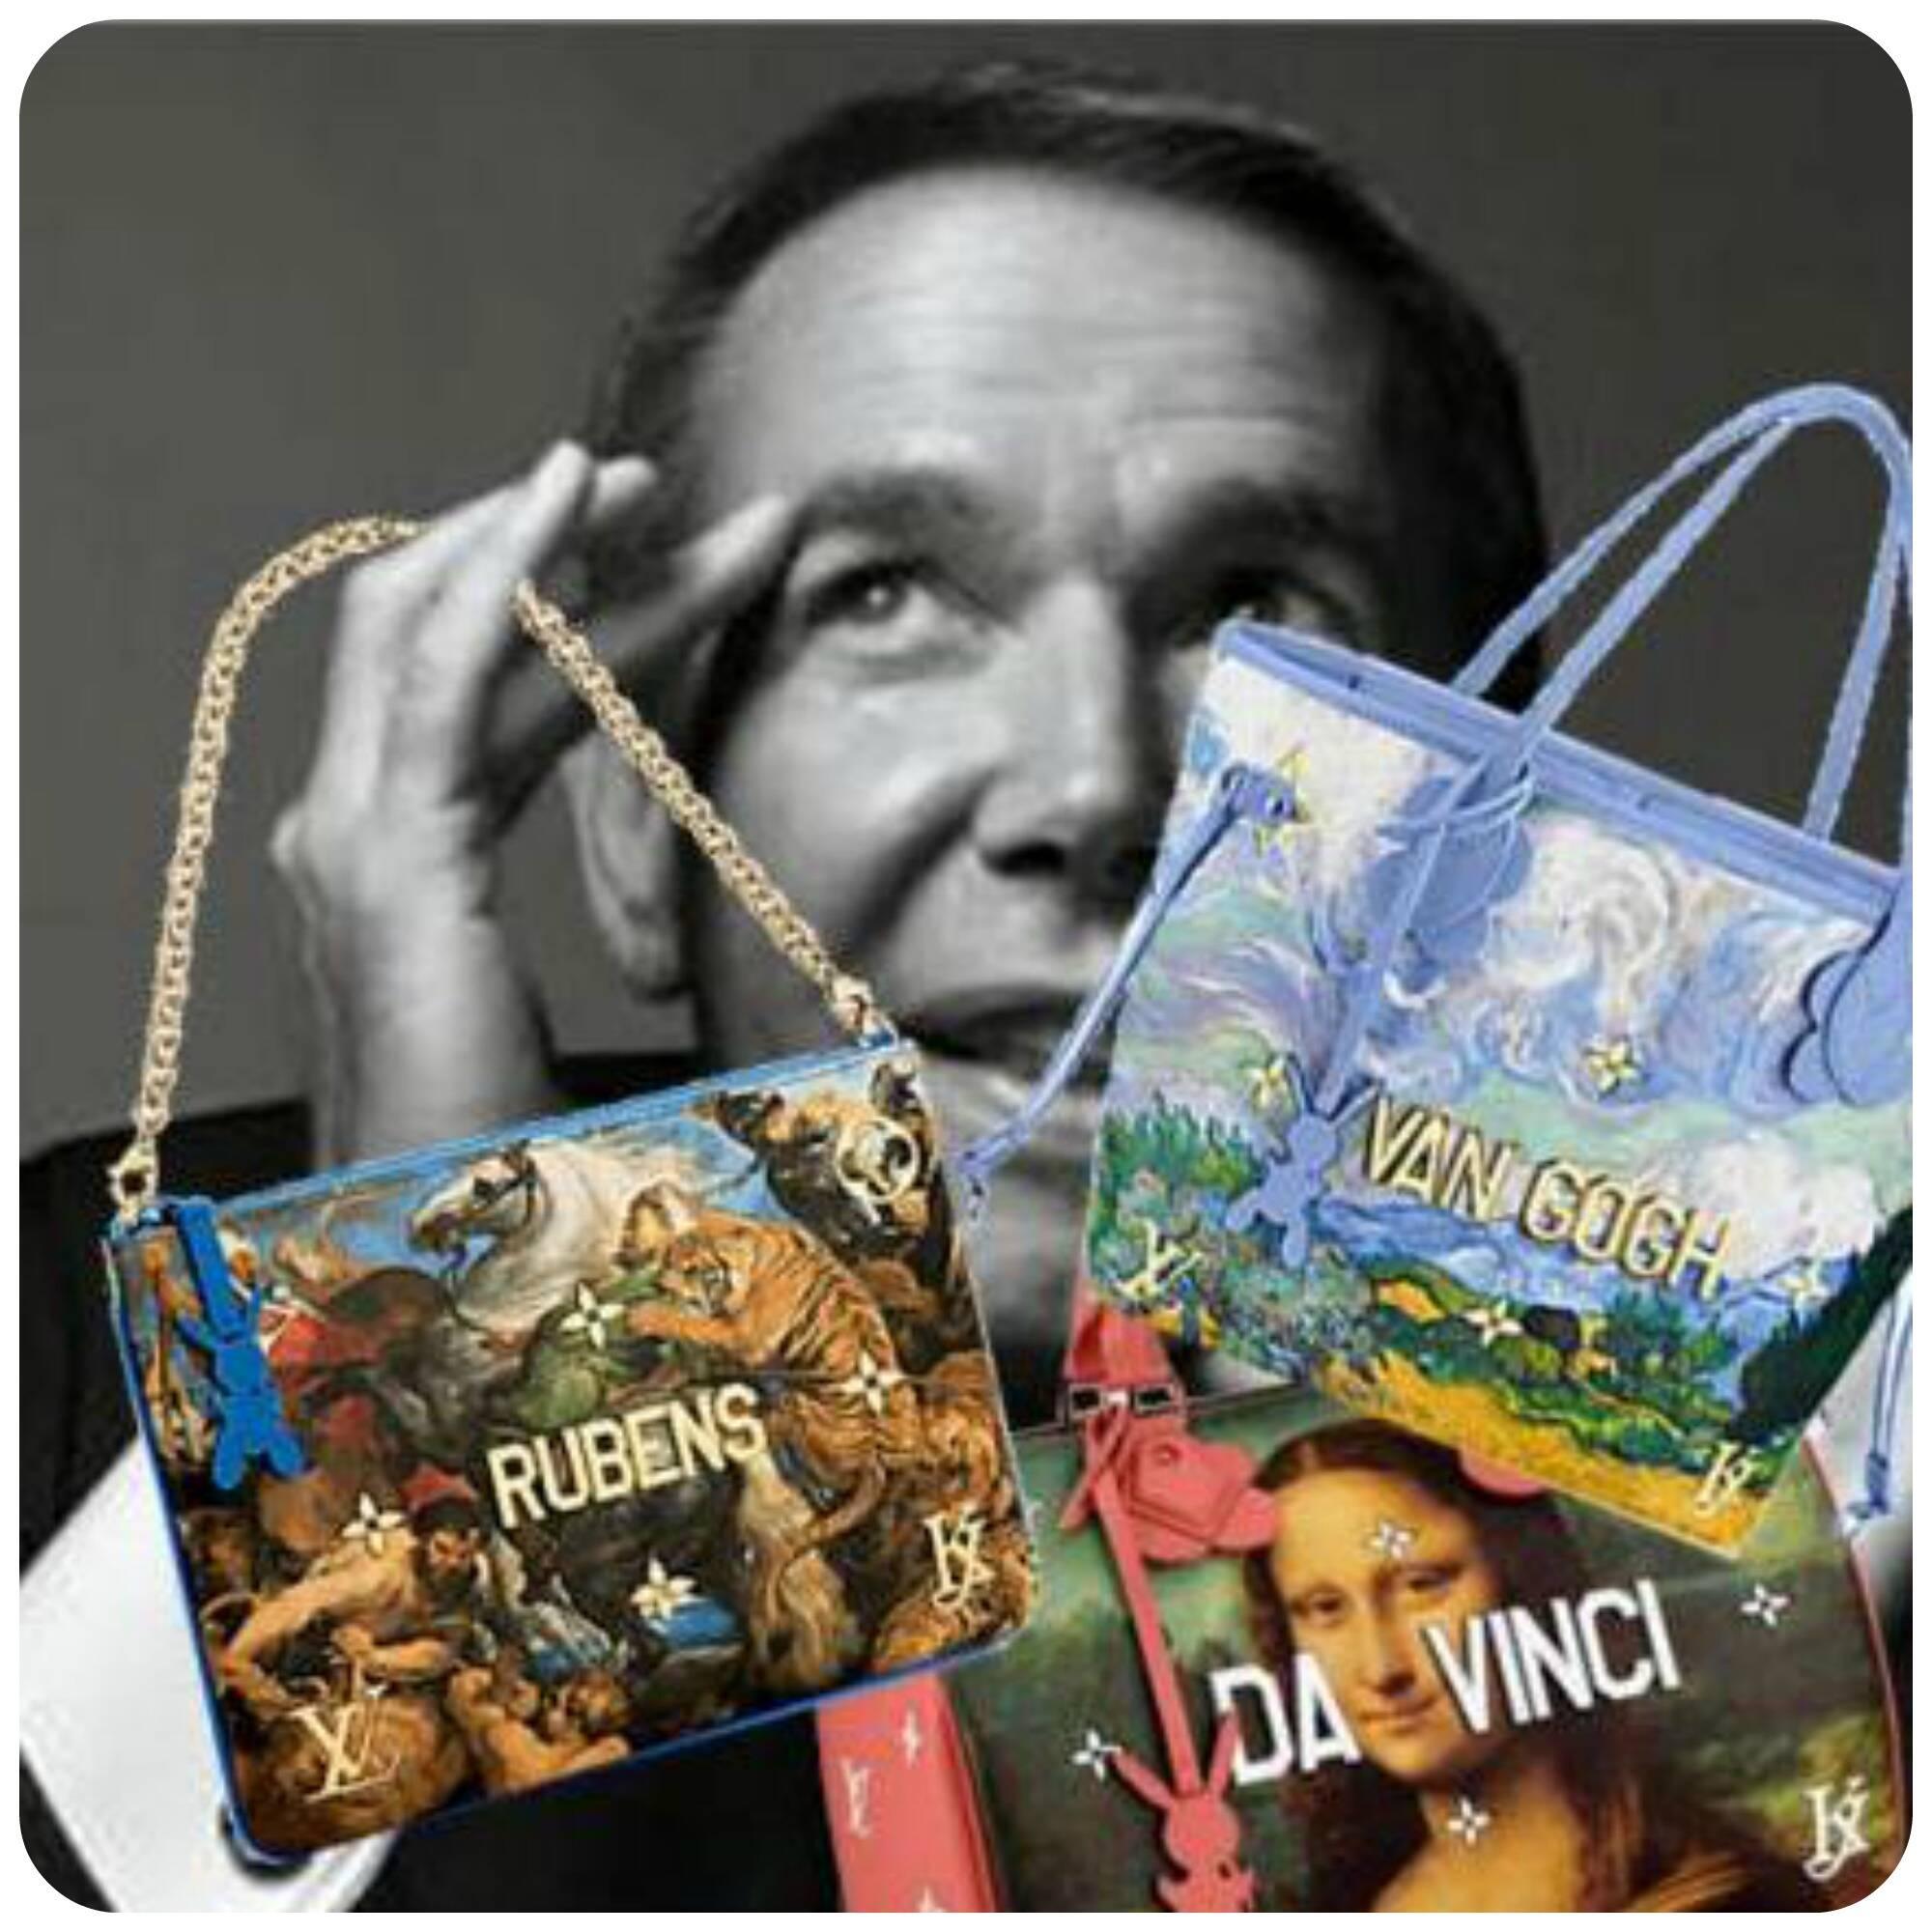 Acima, o próprioJeff Koons e suas novas e polêmicas bolsas arty para a Louis Vuitton